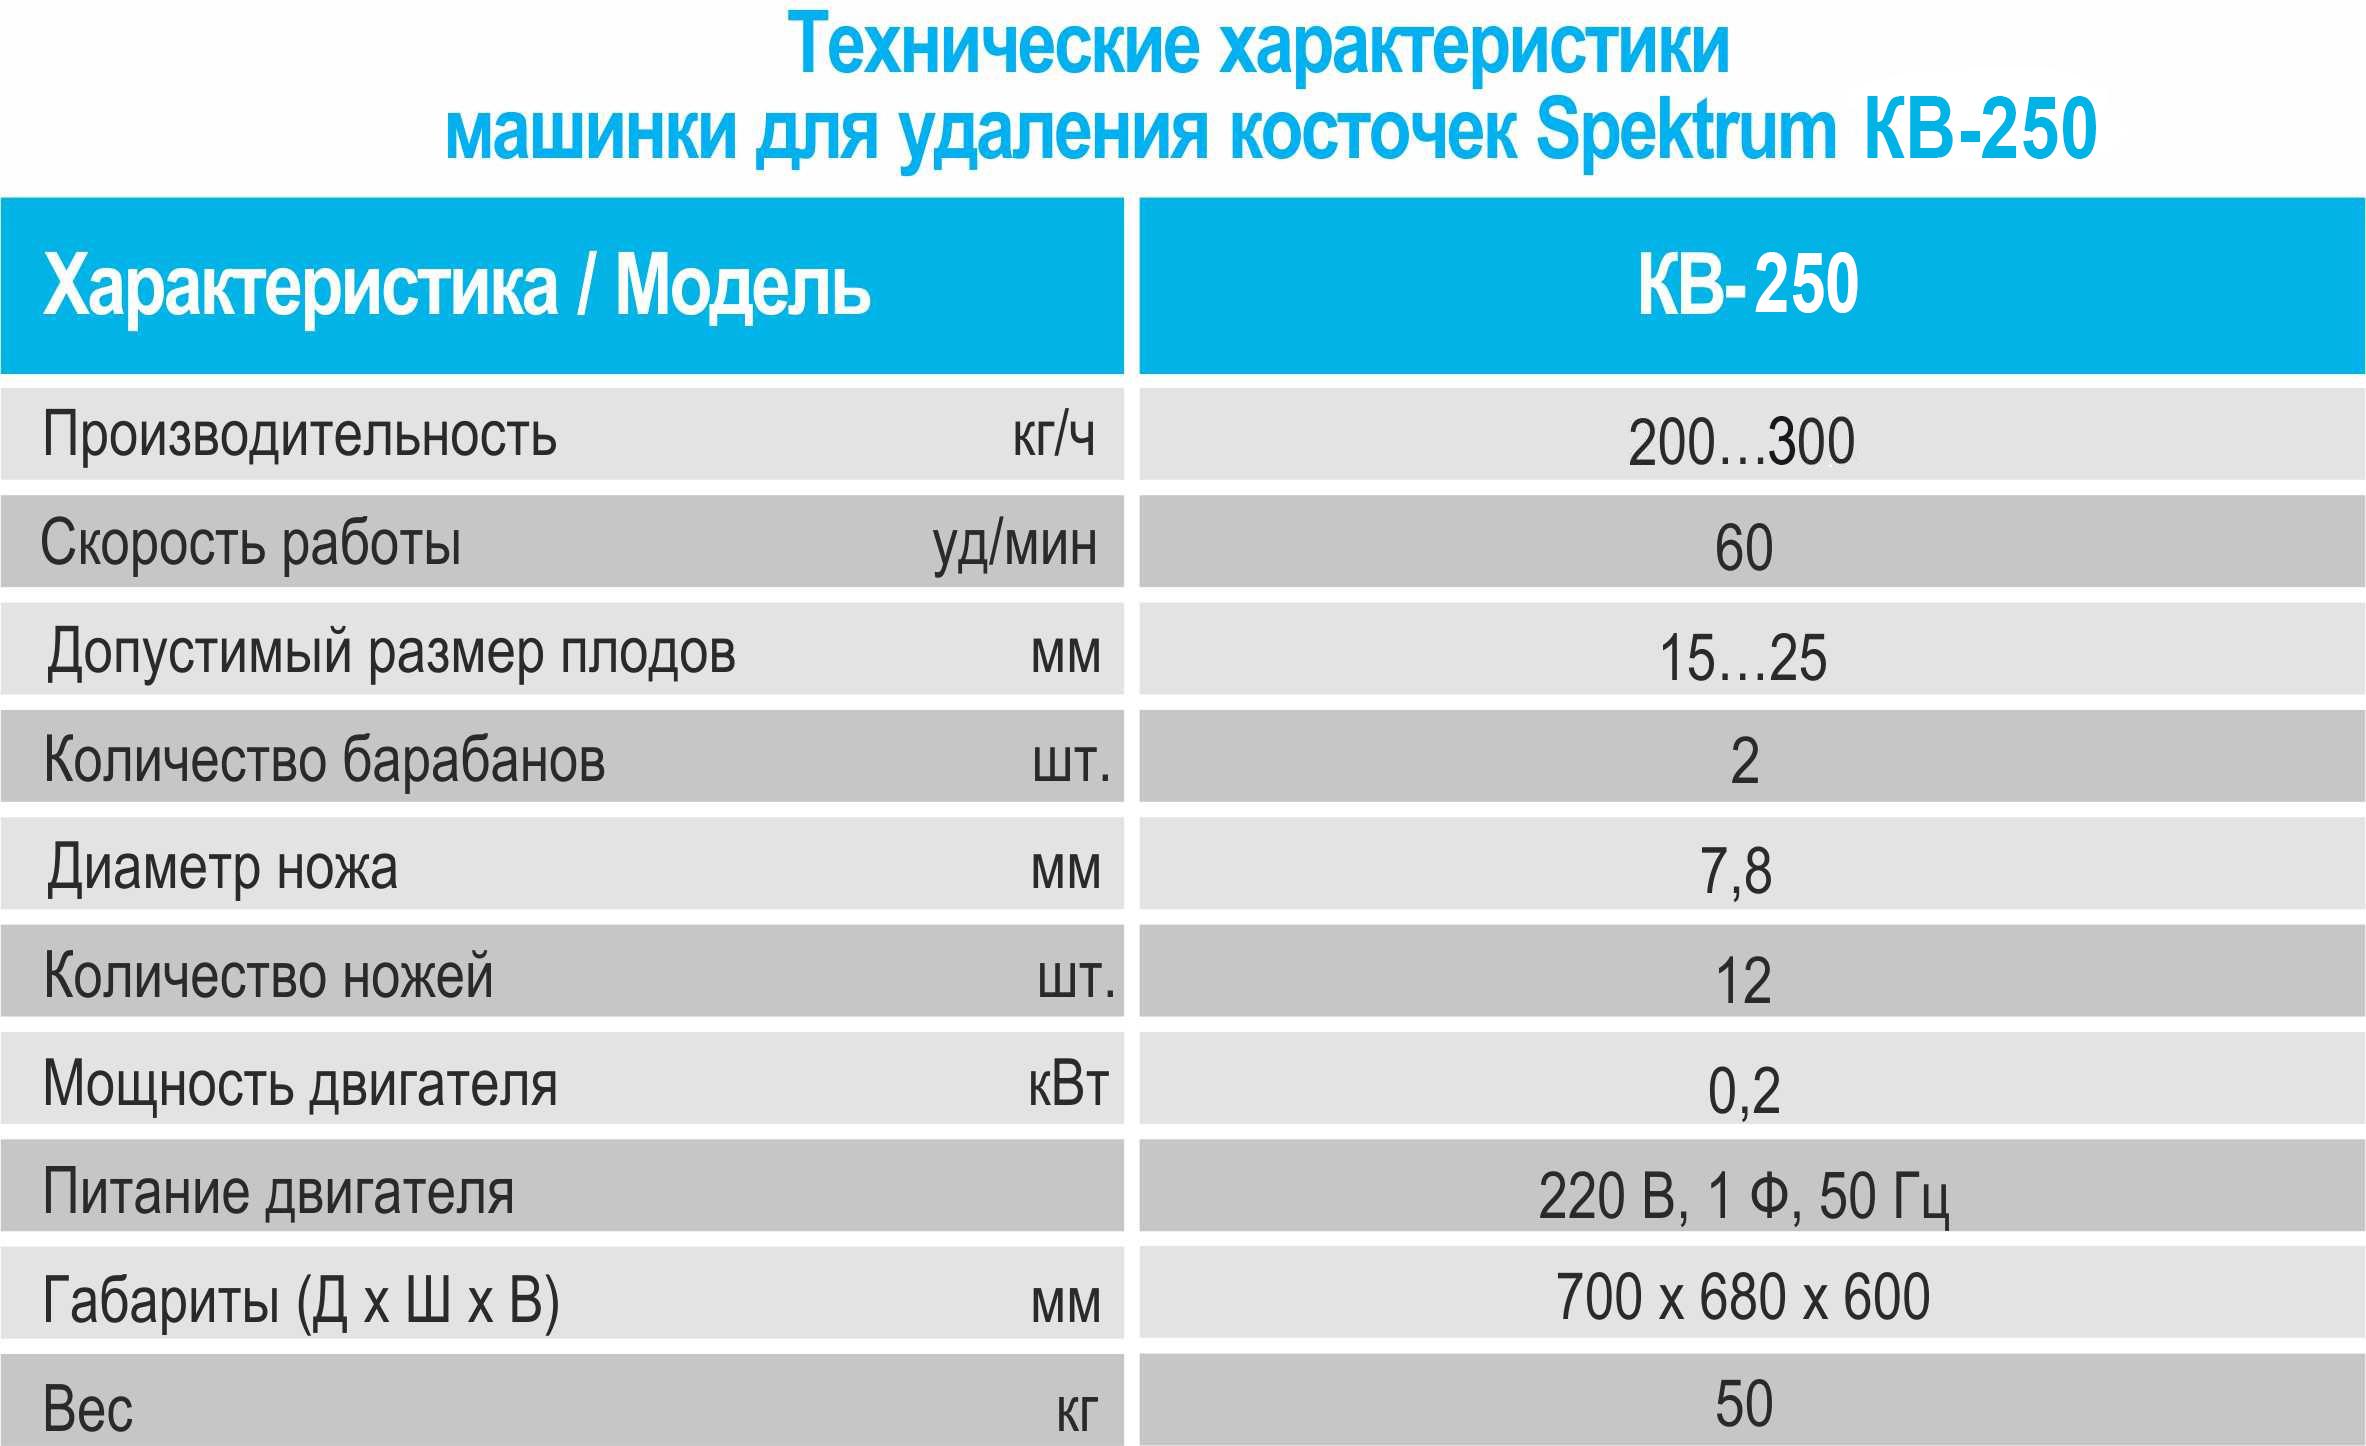 Технические характеристики машины для выбивания косточек КВ-250 от Спектрум